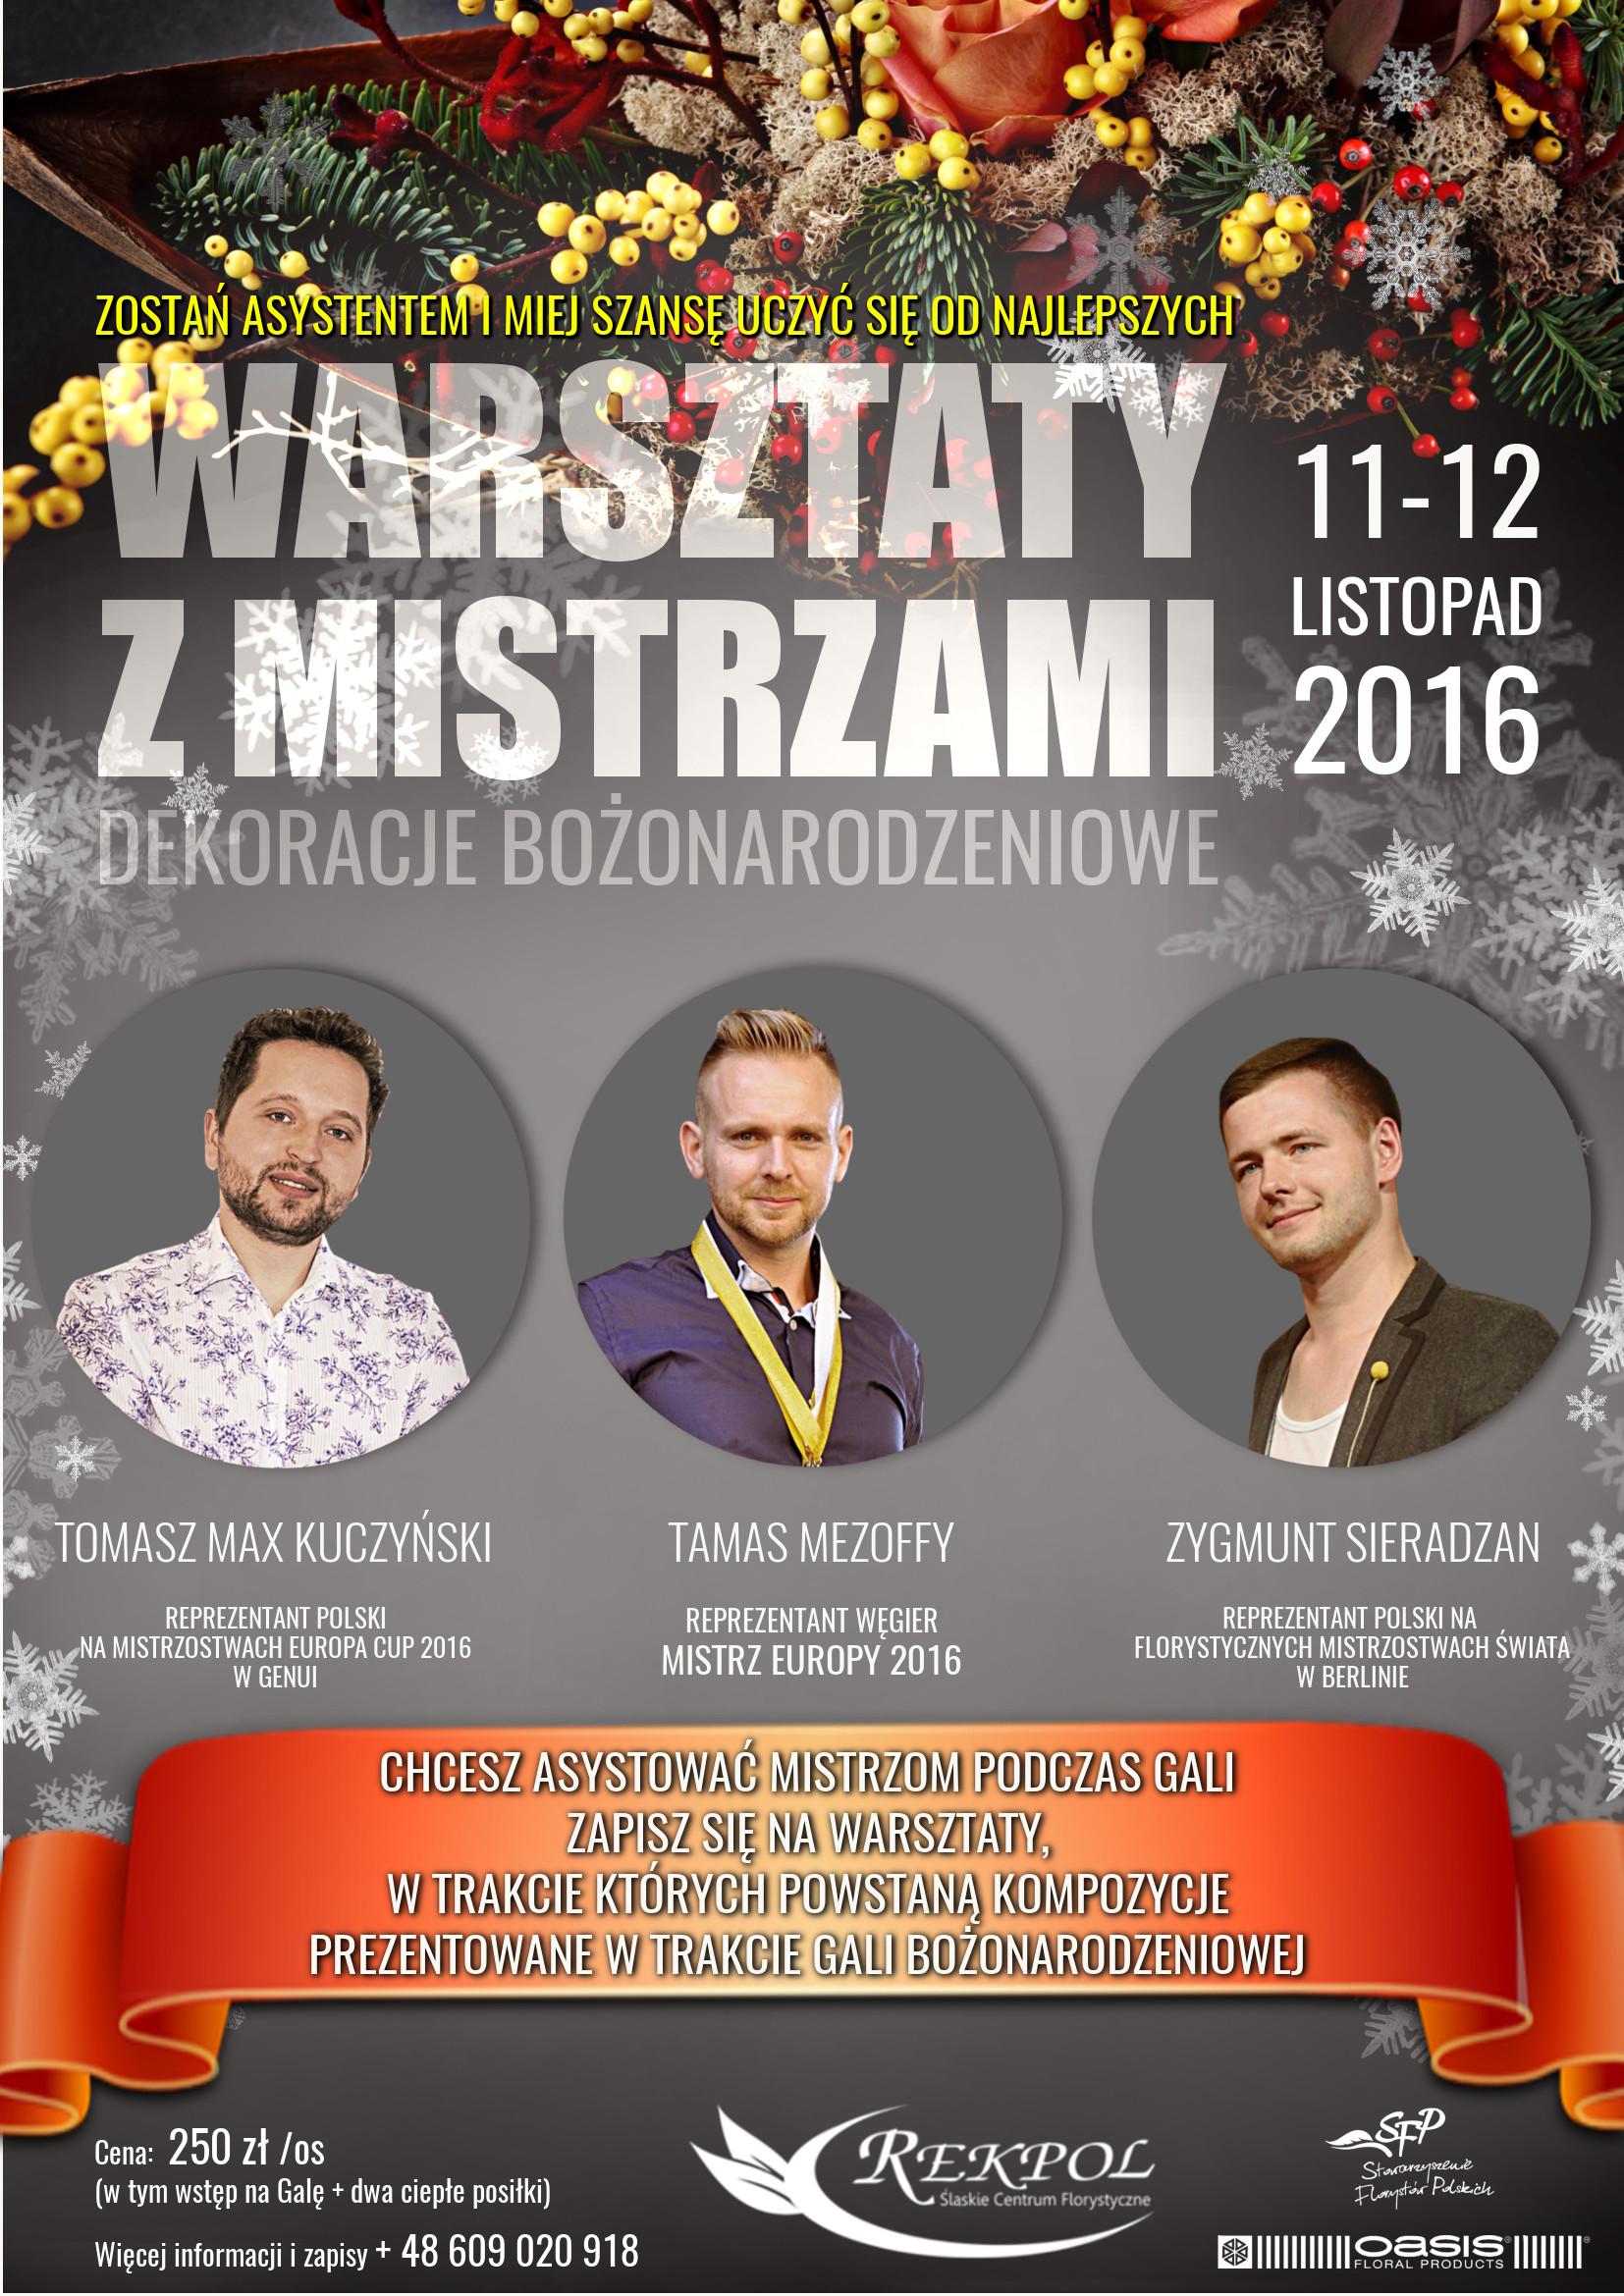 Warsztaty zMistrzami | Gala Bożonarodzeniowa 2016